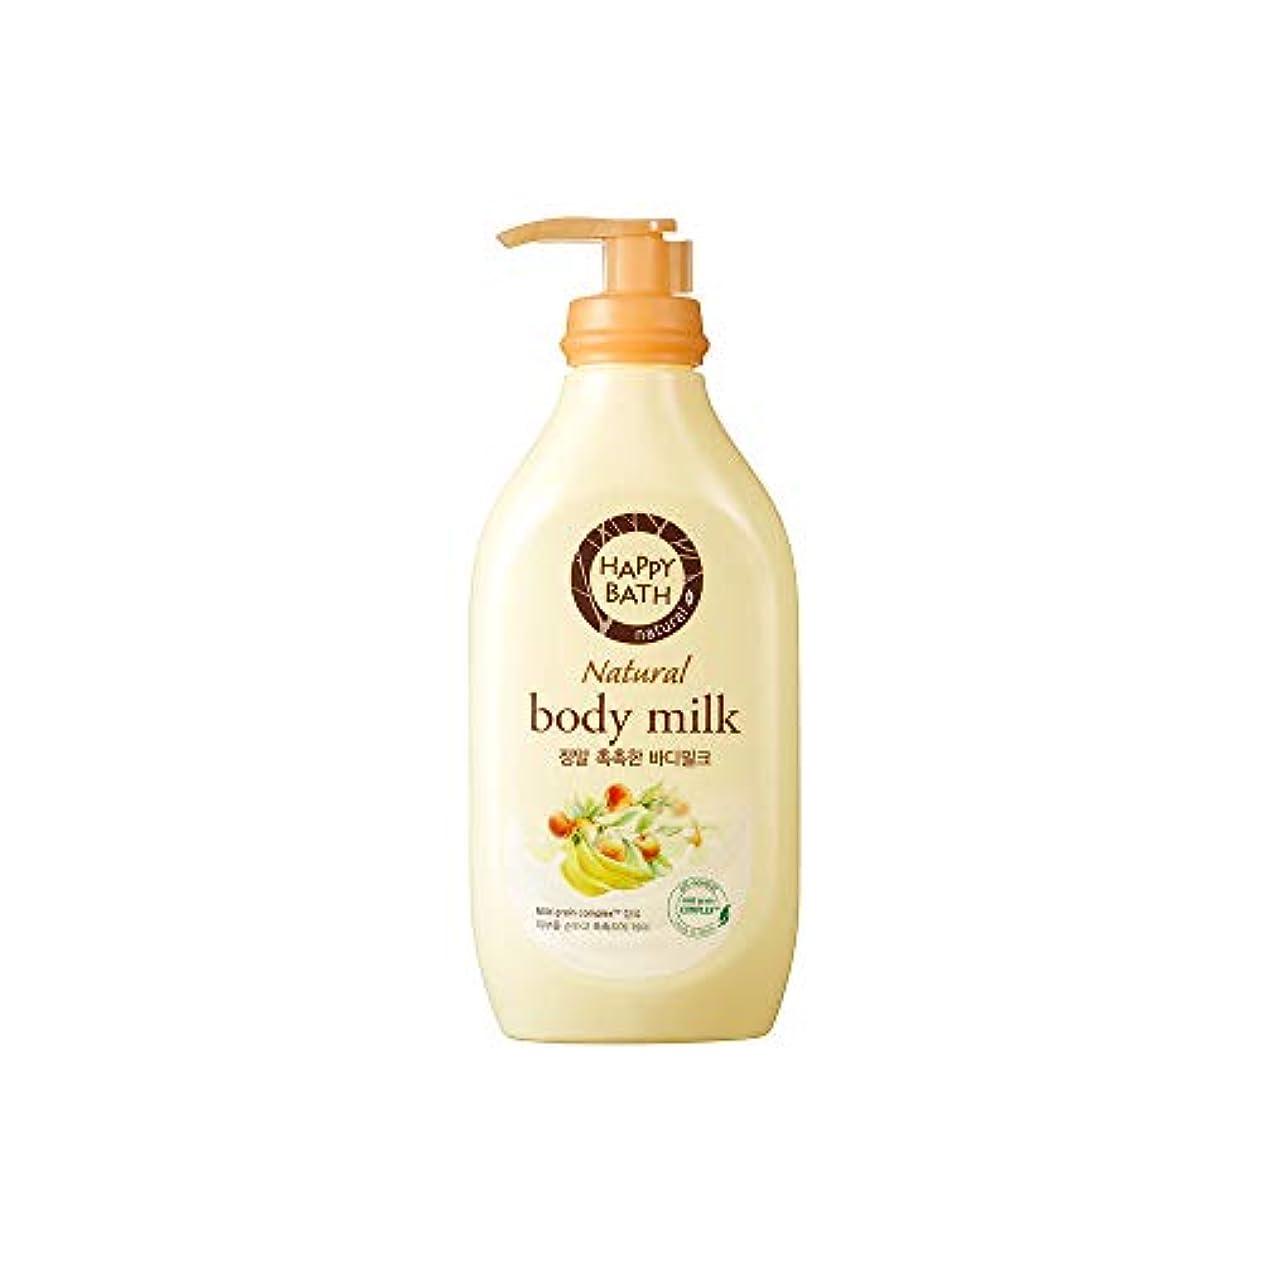 不完全全滅させるびっくり[HAPPY BATH] ハッピーバス ナチュラルボディミルク しっとりタイプ ボディローション 450ml (moisture body milk 450ml)